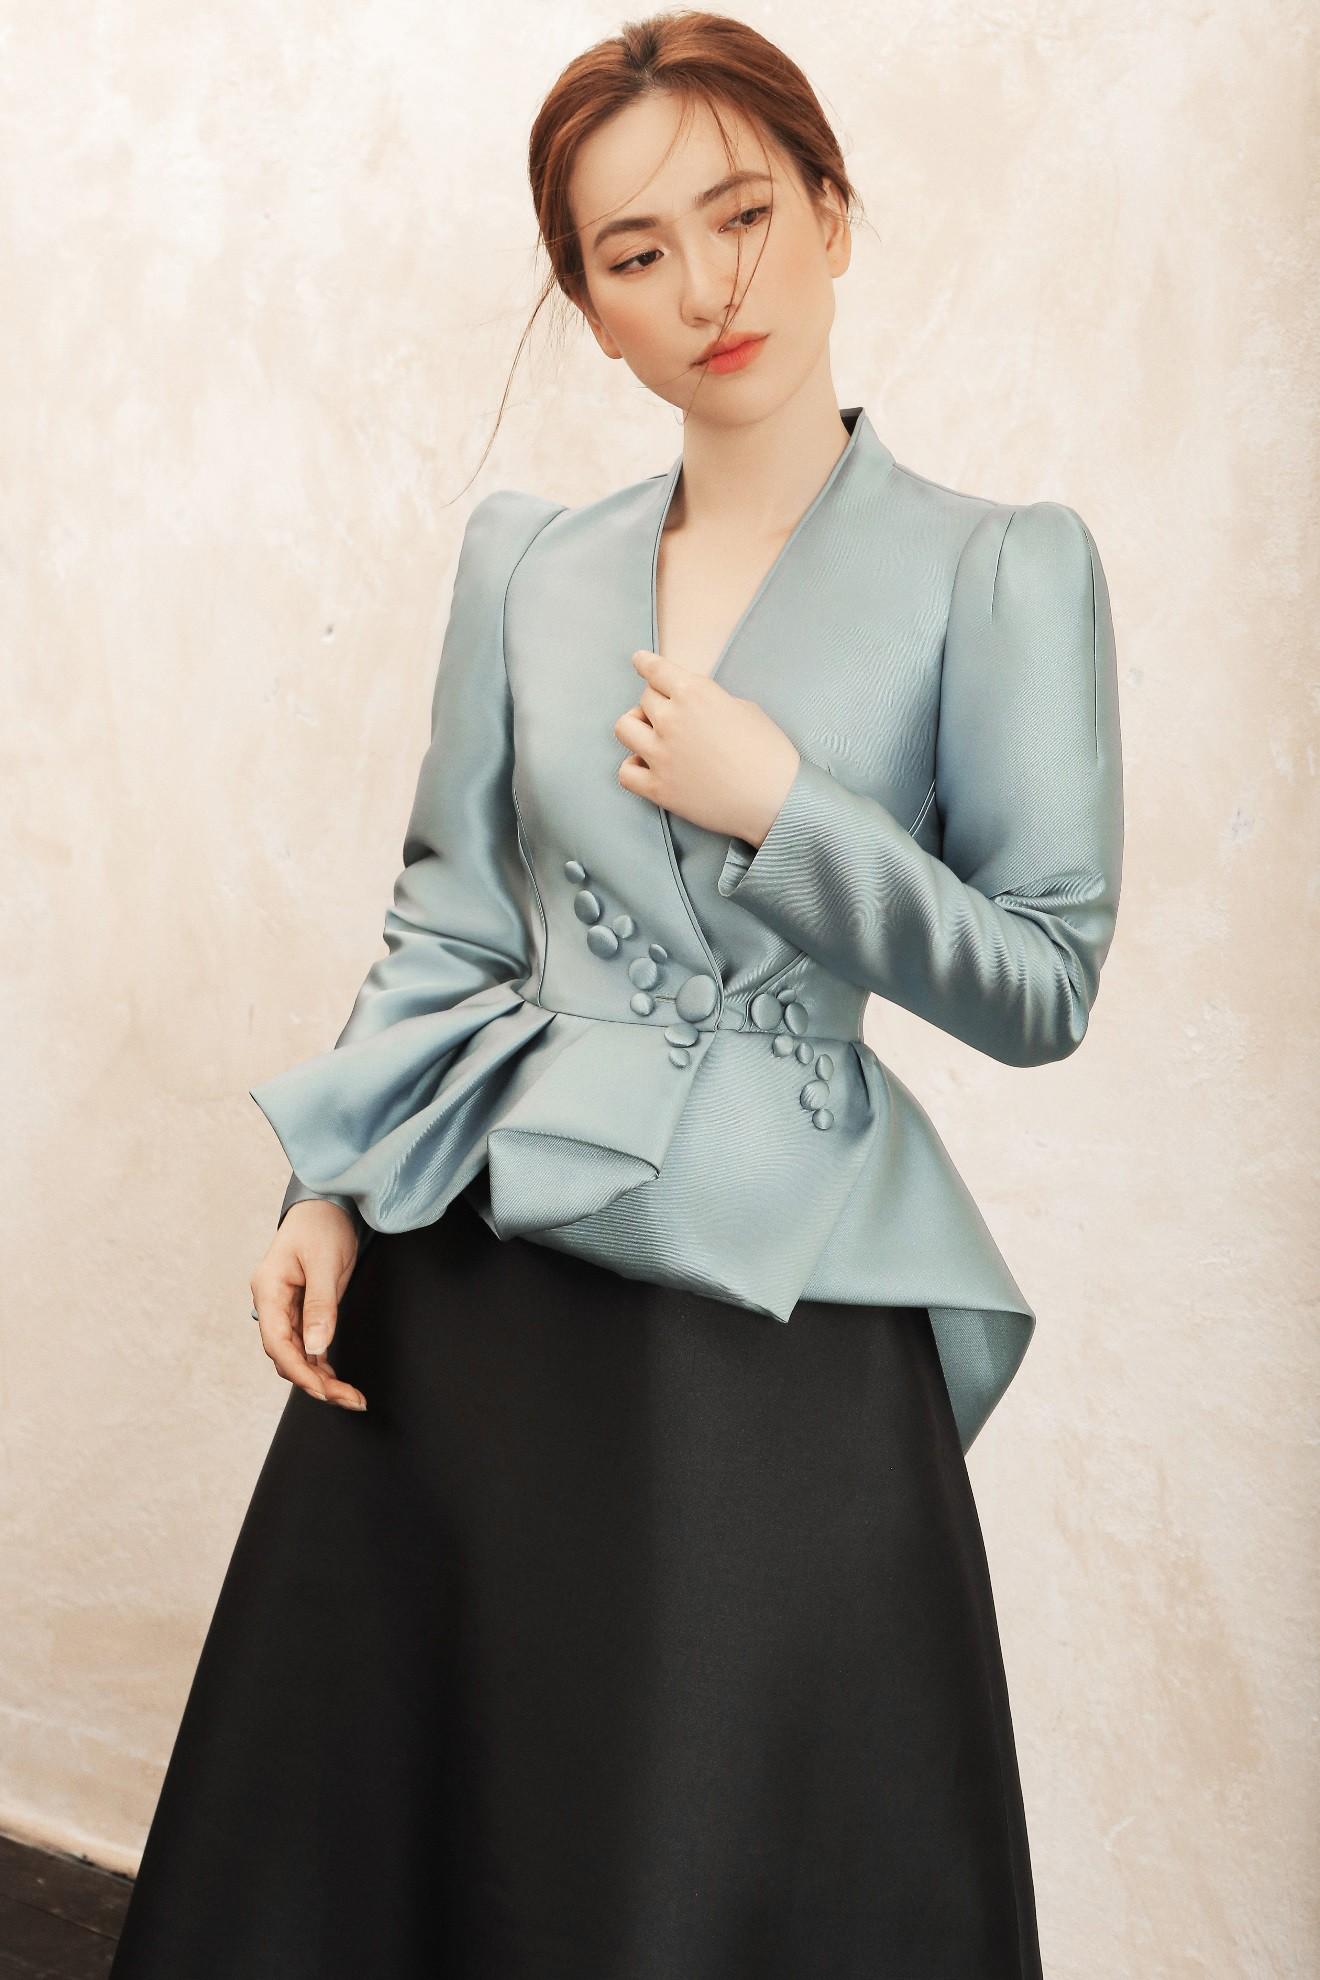 """Sau """"Chàng vợ của em"""", Phương Anh Đào đầy xinh đẹp, cuốn hút trong BST từng xuất hiện trên Vogue của PHUONG MY - Ảnh 3."""